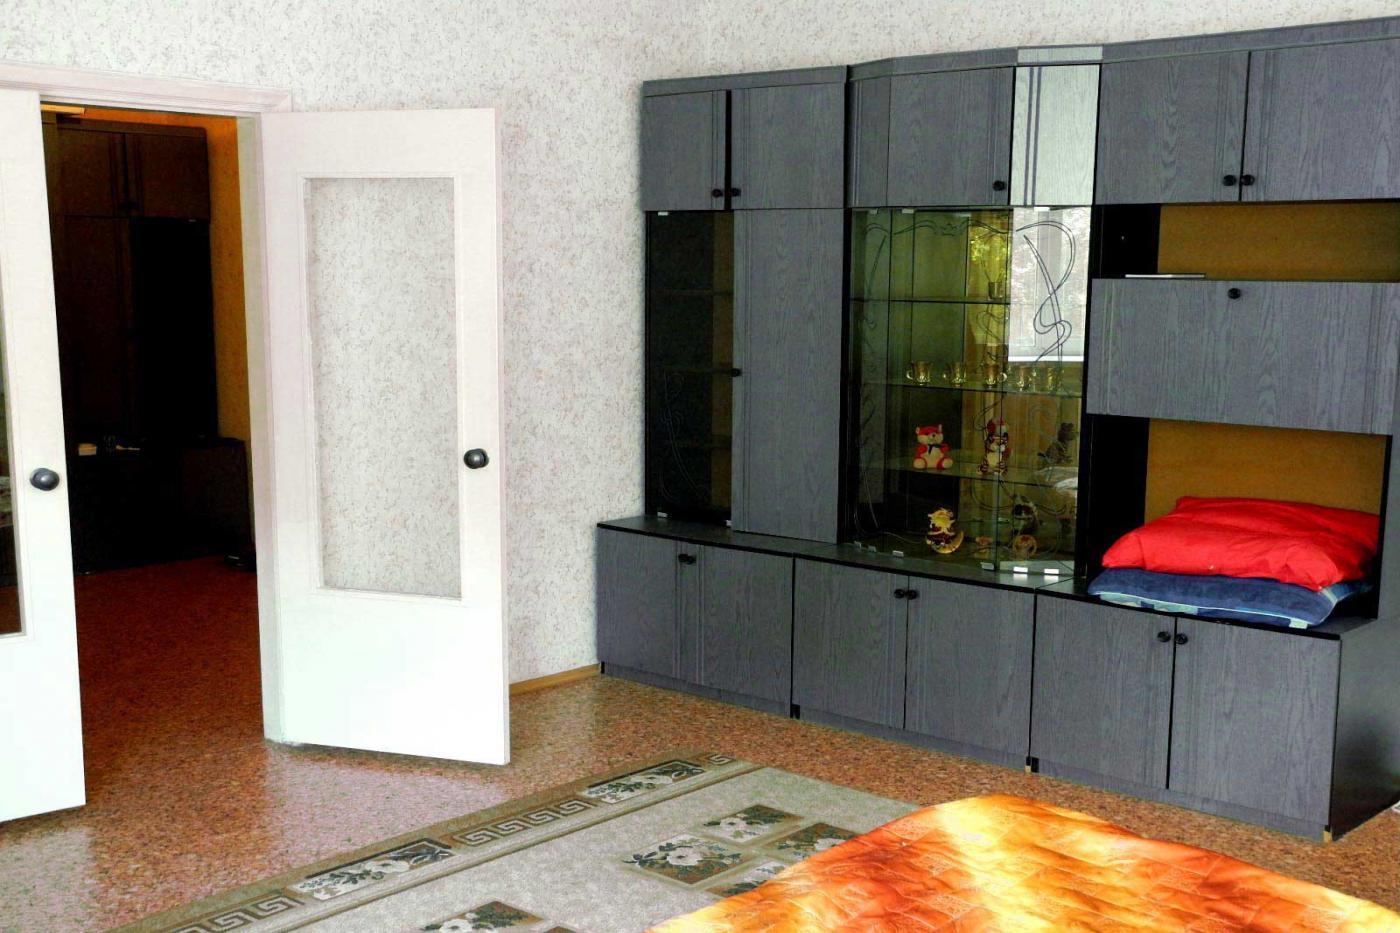 1-комнатная квартира посуточно (вариант № 3873), ул. Никитинская улица, фото № 3